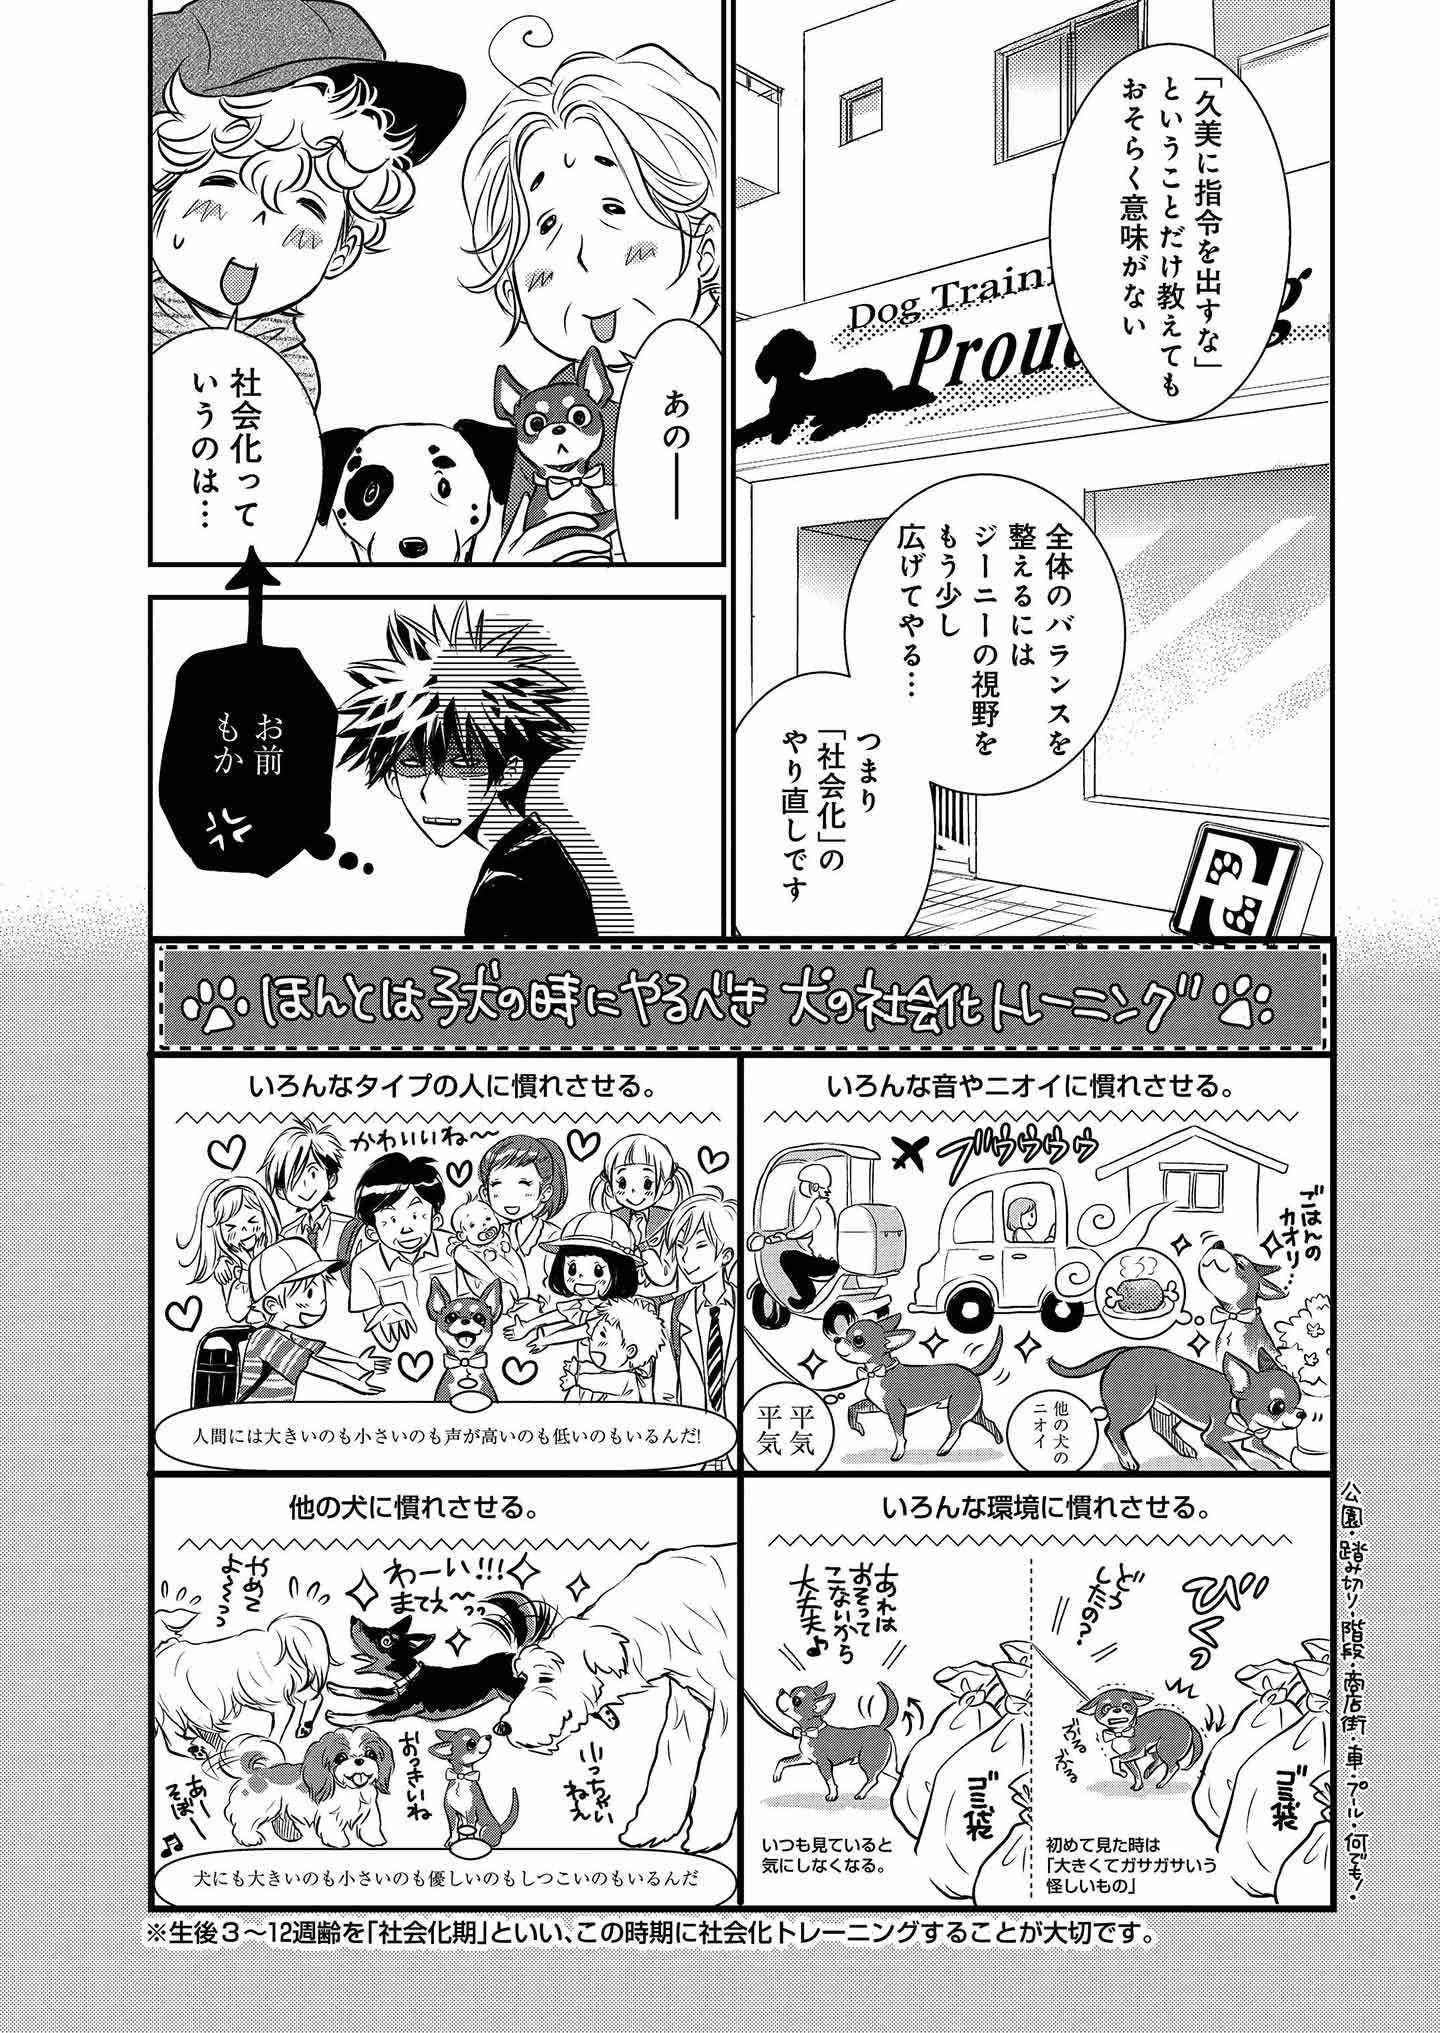 『DOG SIGNAL』11話目④ 3ページ目